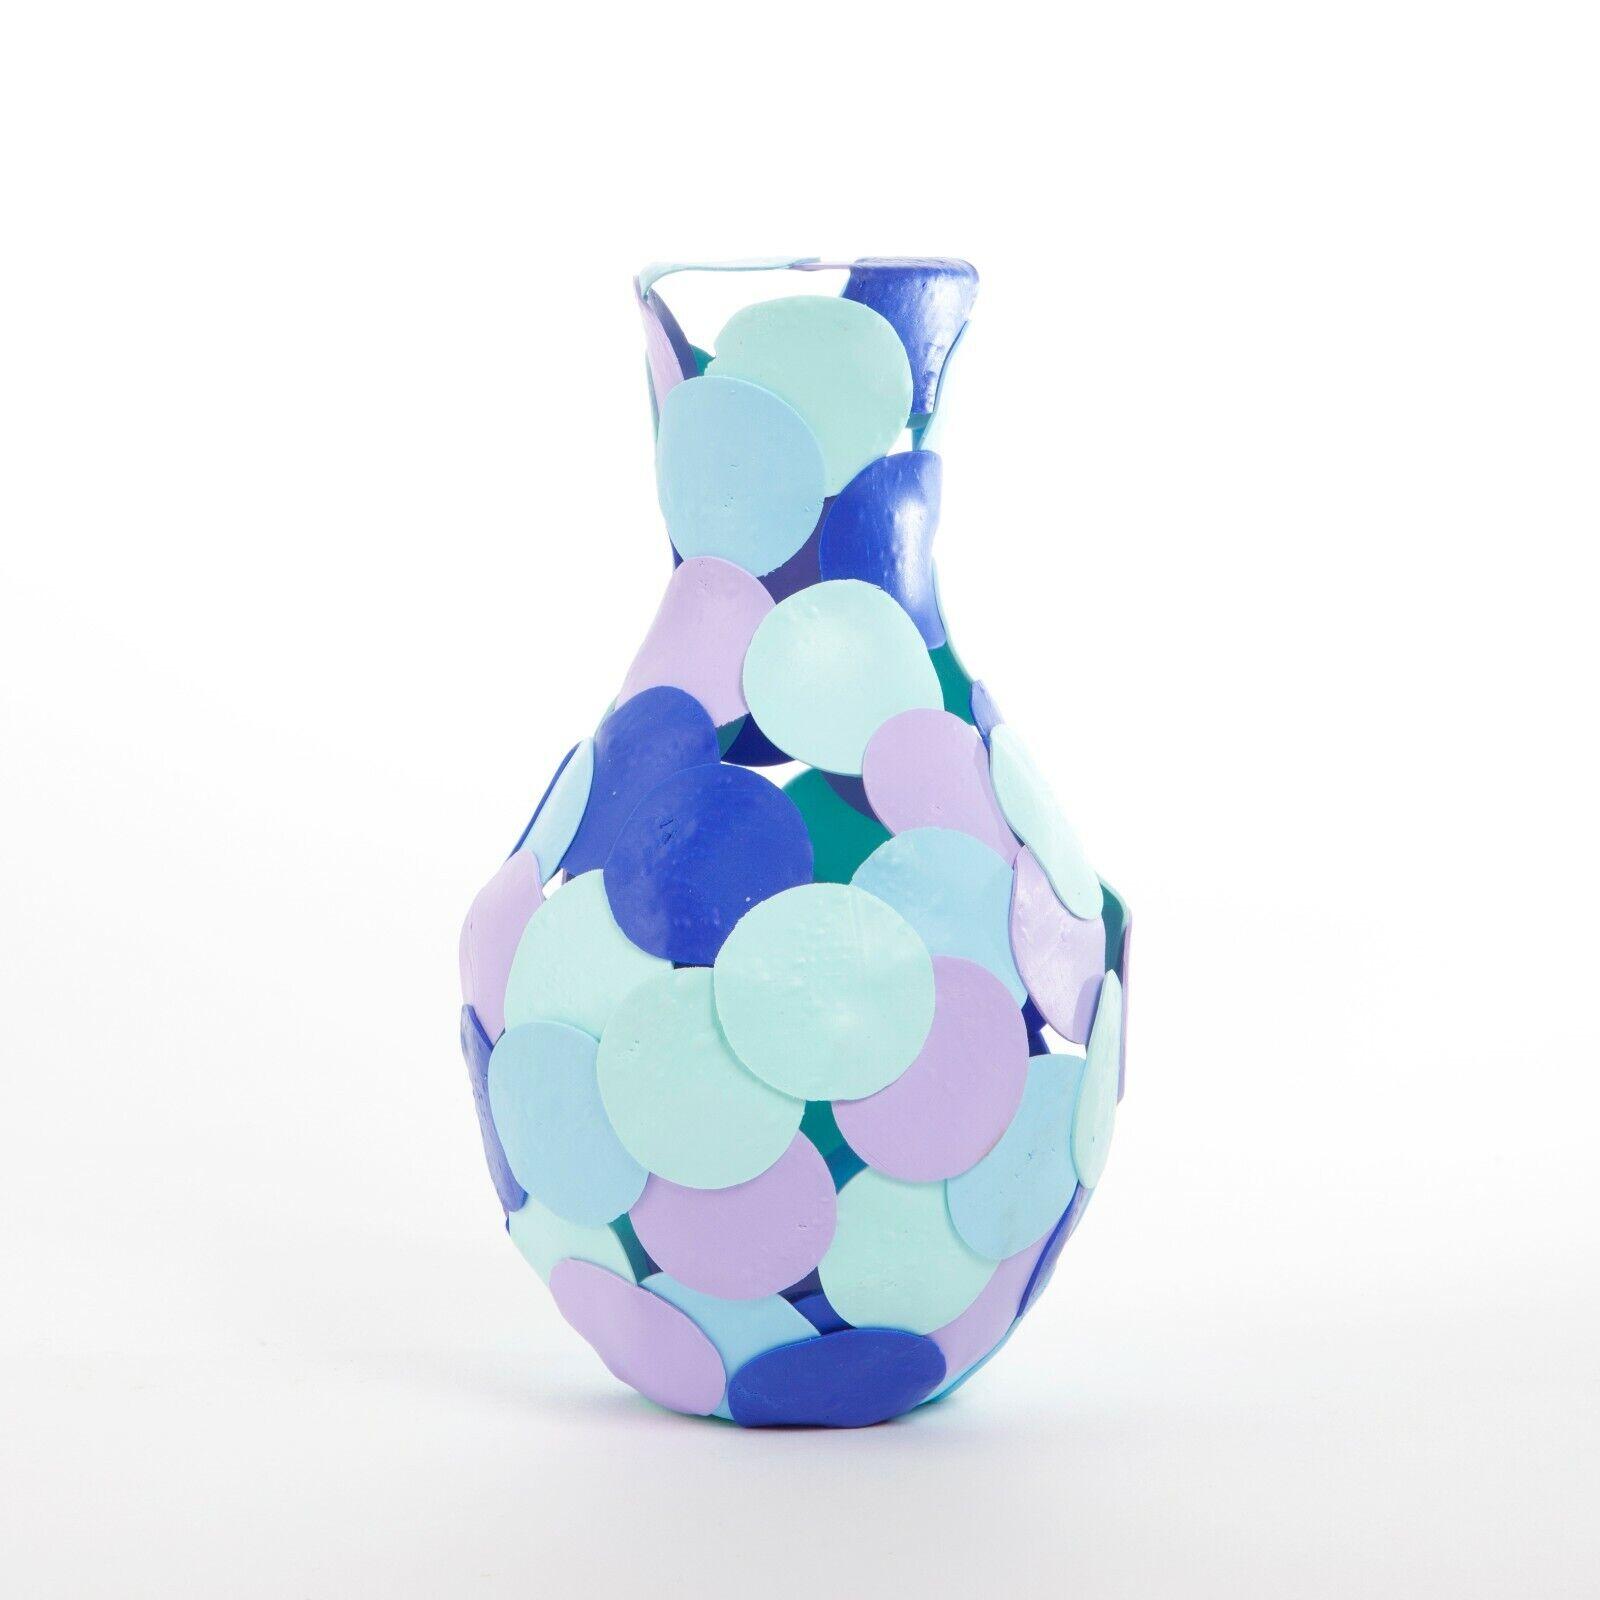 Contemporary Handmade Fimo Vase, Blau, Light Blau, Lilac